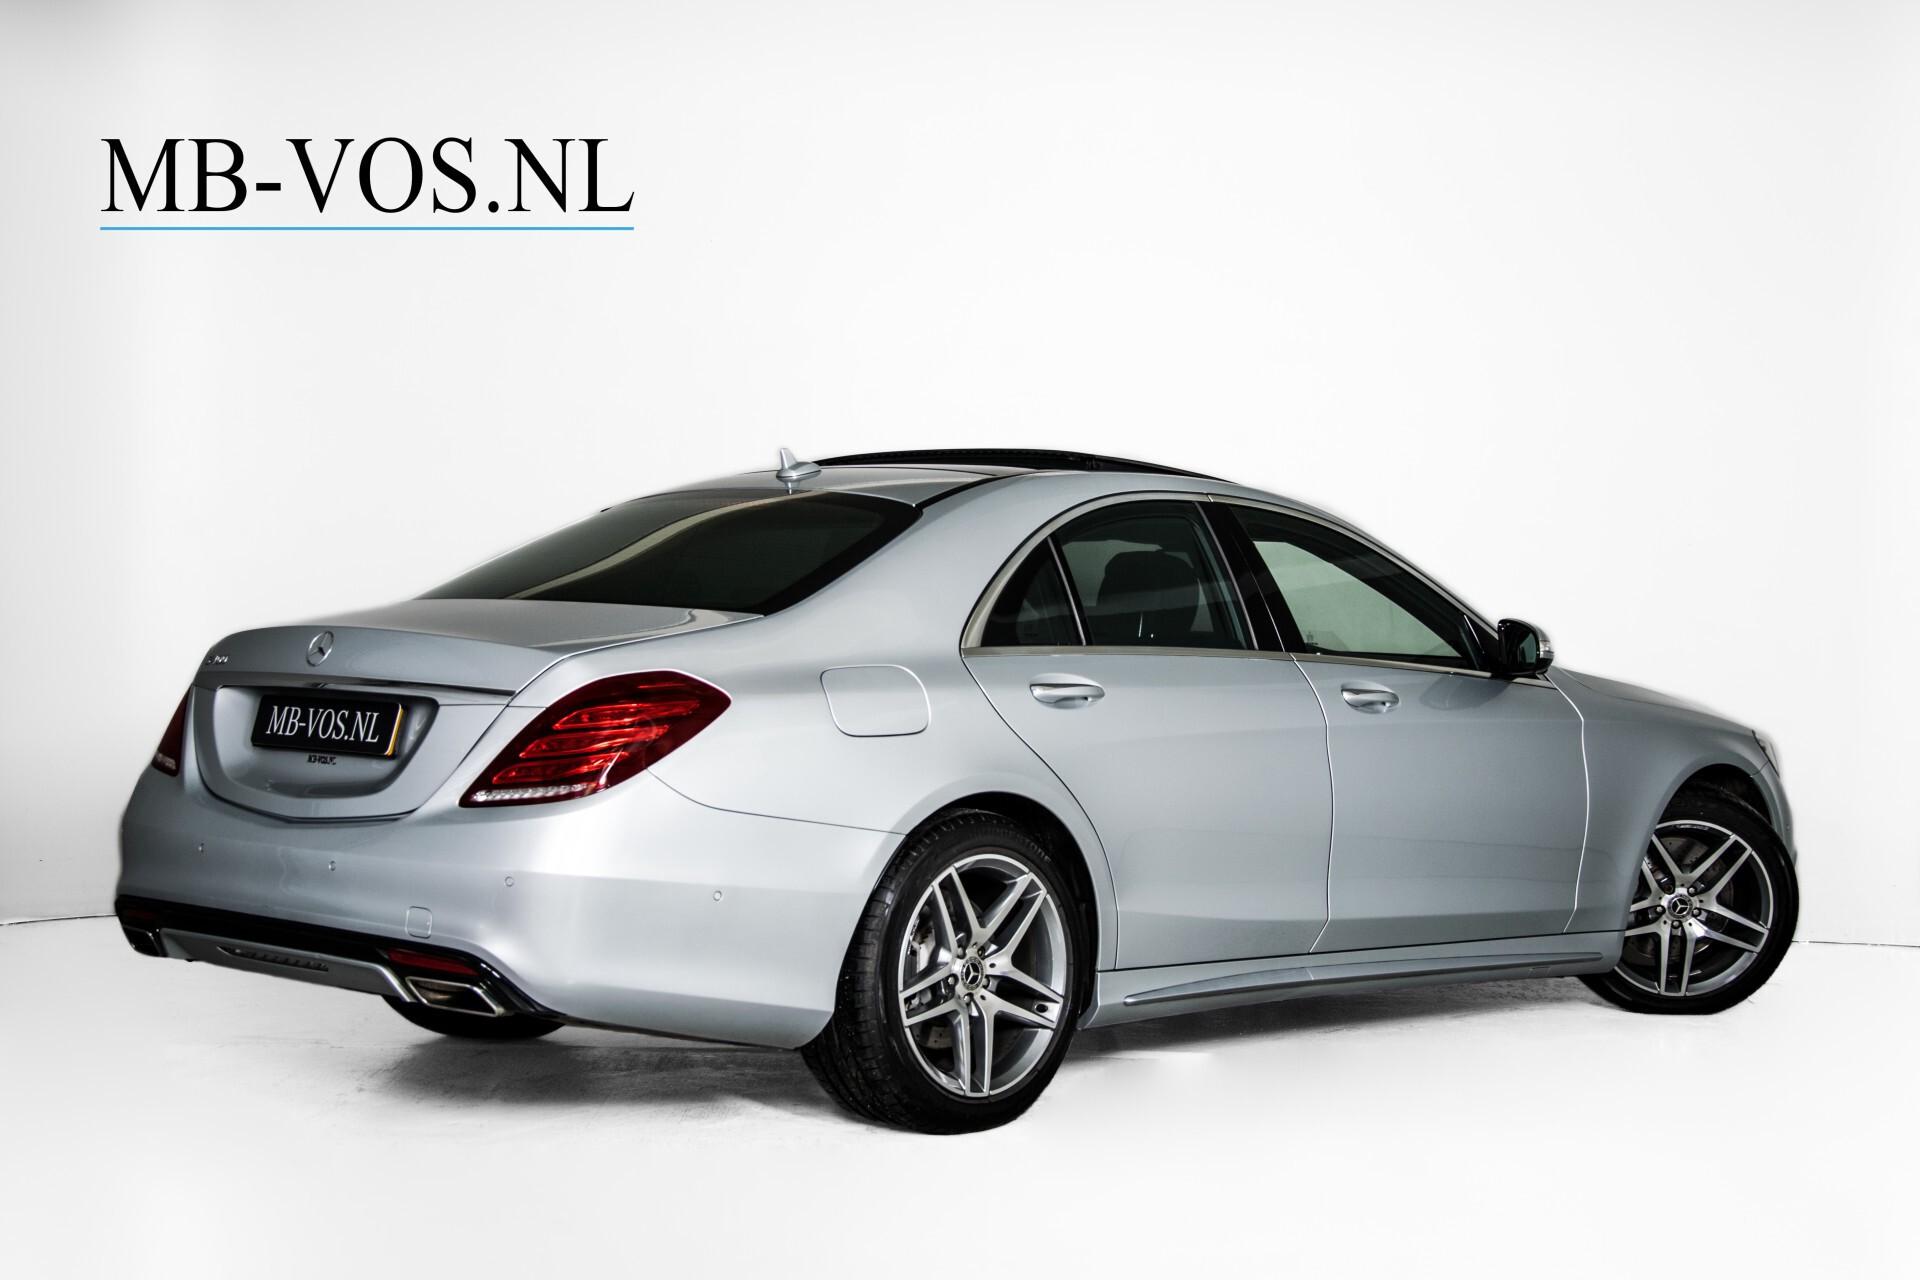 Mercedes-Benz S-Klasse 400 Hybrid AMG Entertainment/Rij-assistentie/Panorama Aut7 Foto 2